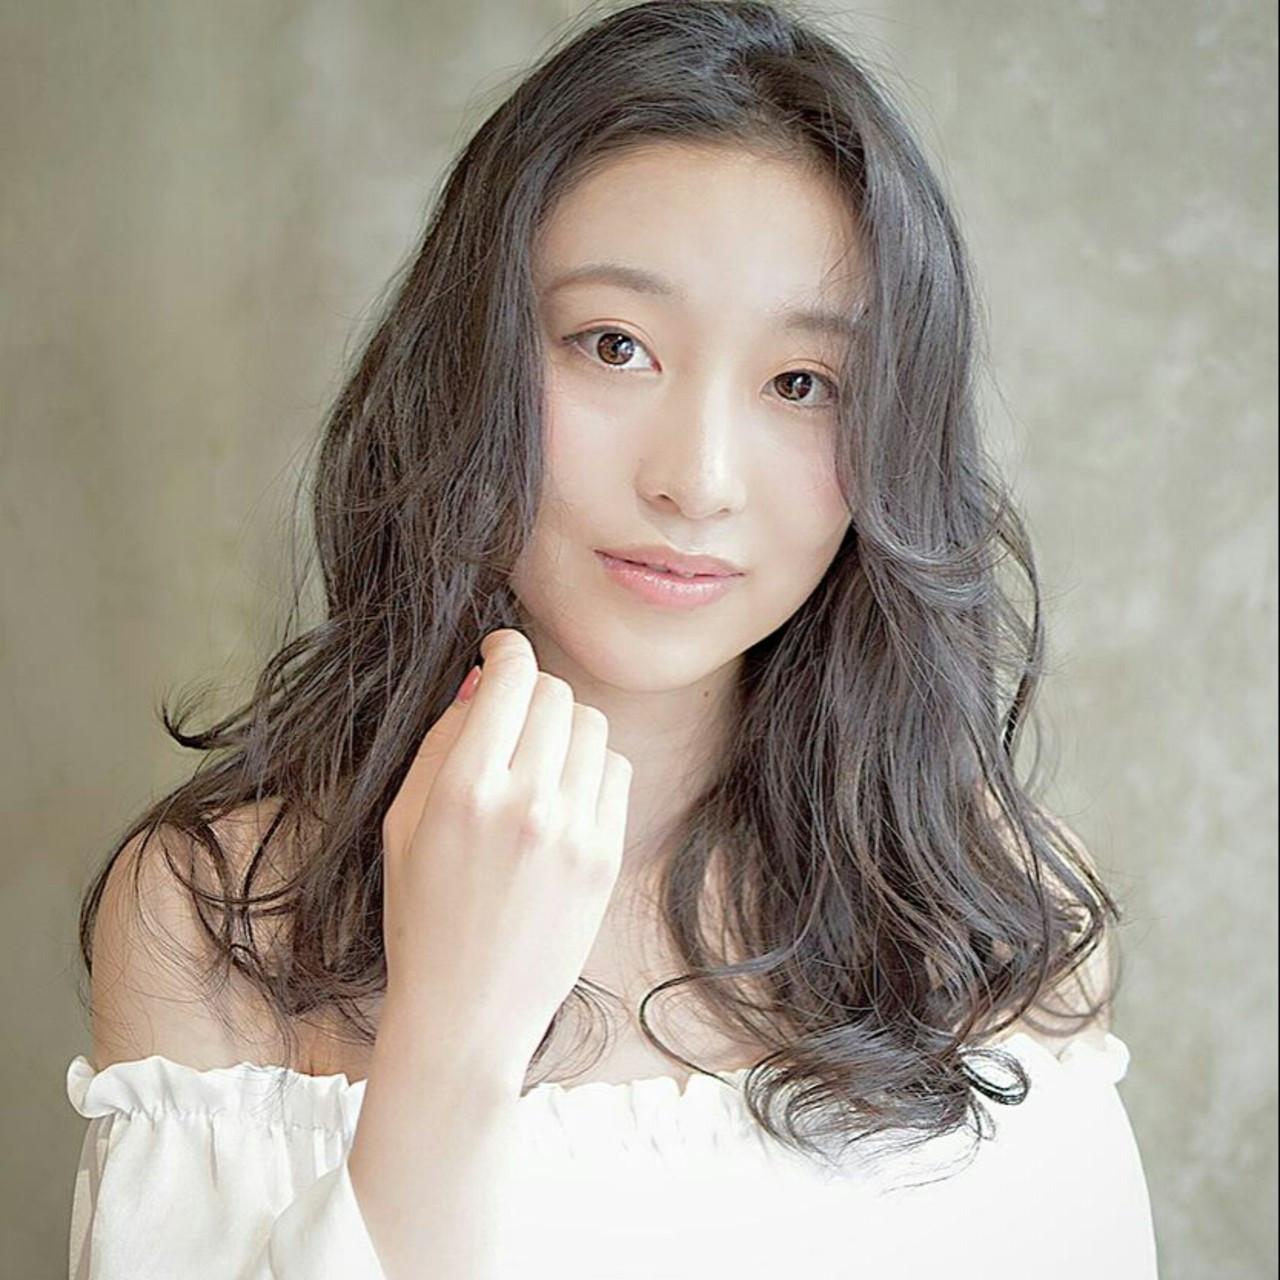 くせ毛を髪型に活用!ショートからロングまで髪の長さ別おすすめスタイル 鈴木晶子